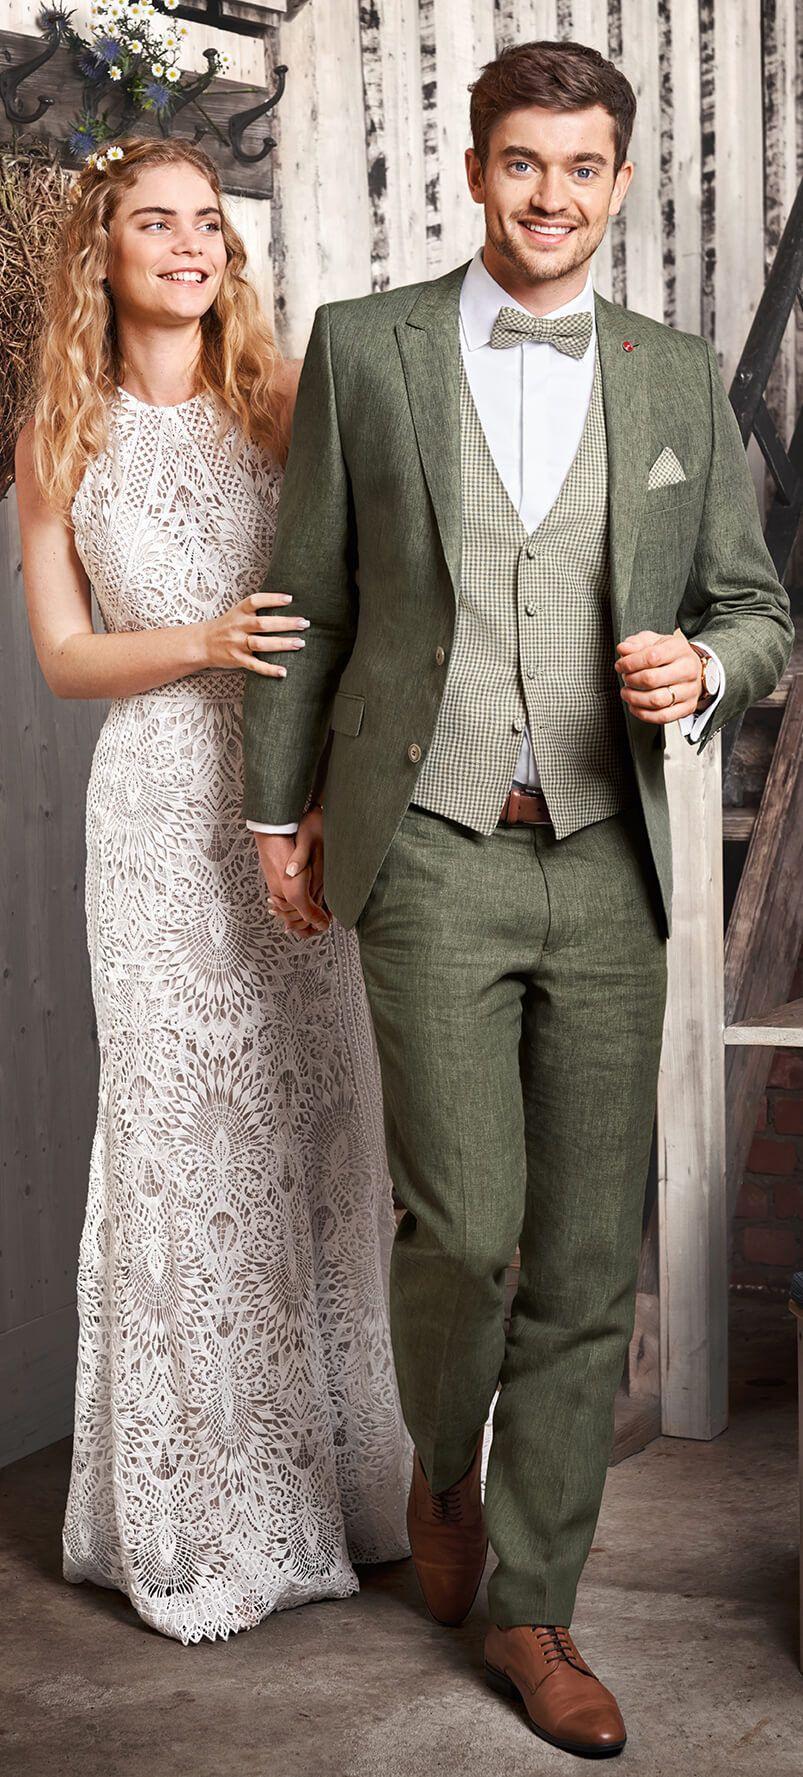 Herrenmodetorino17  Avinia  Anzug Hochzeit